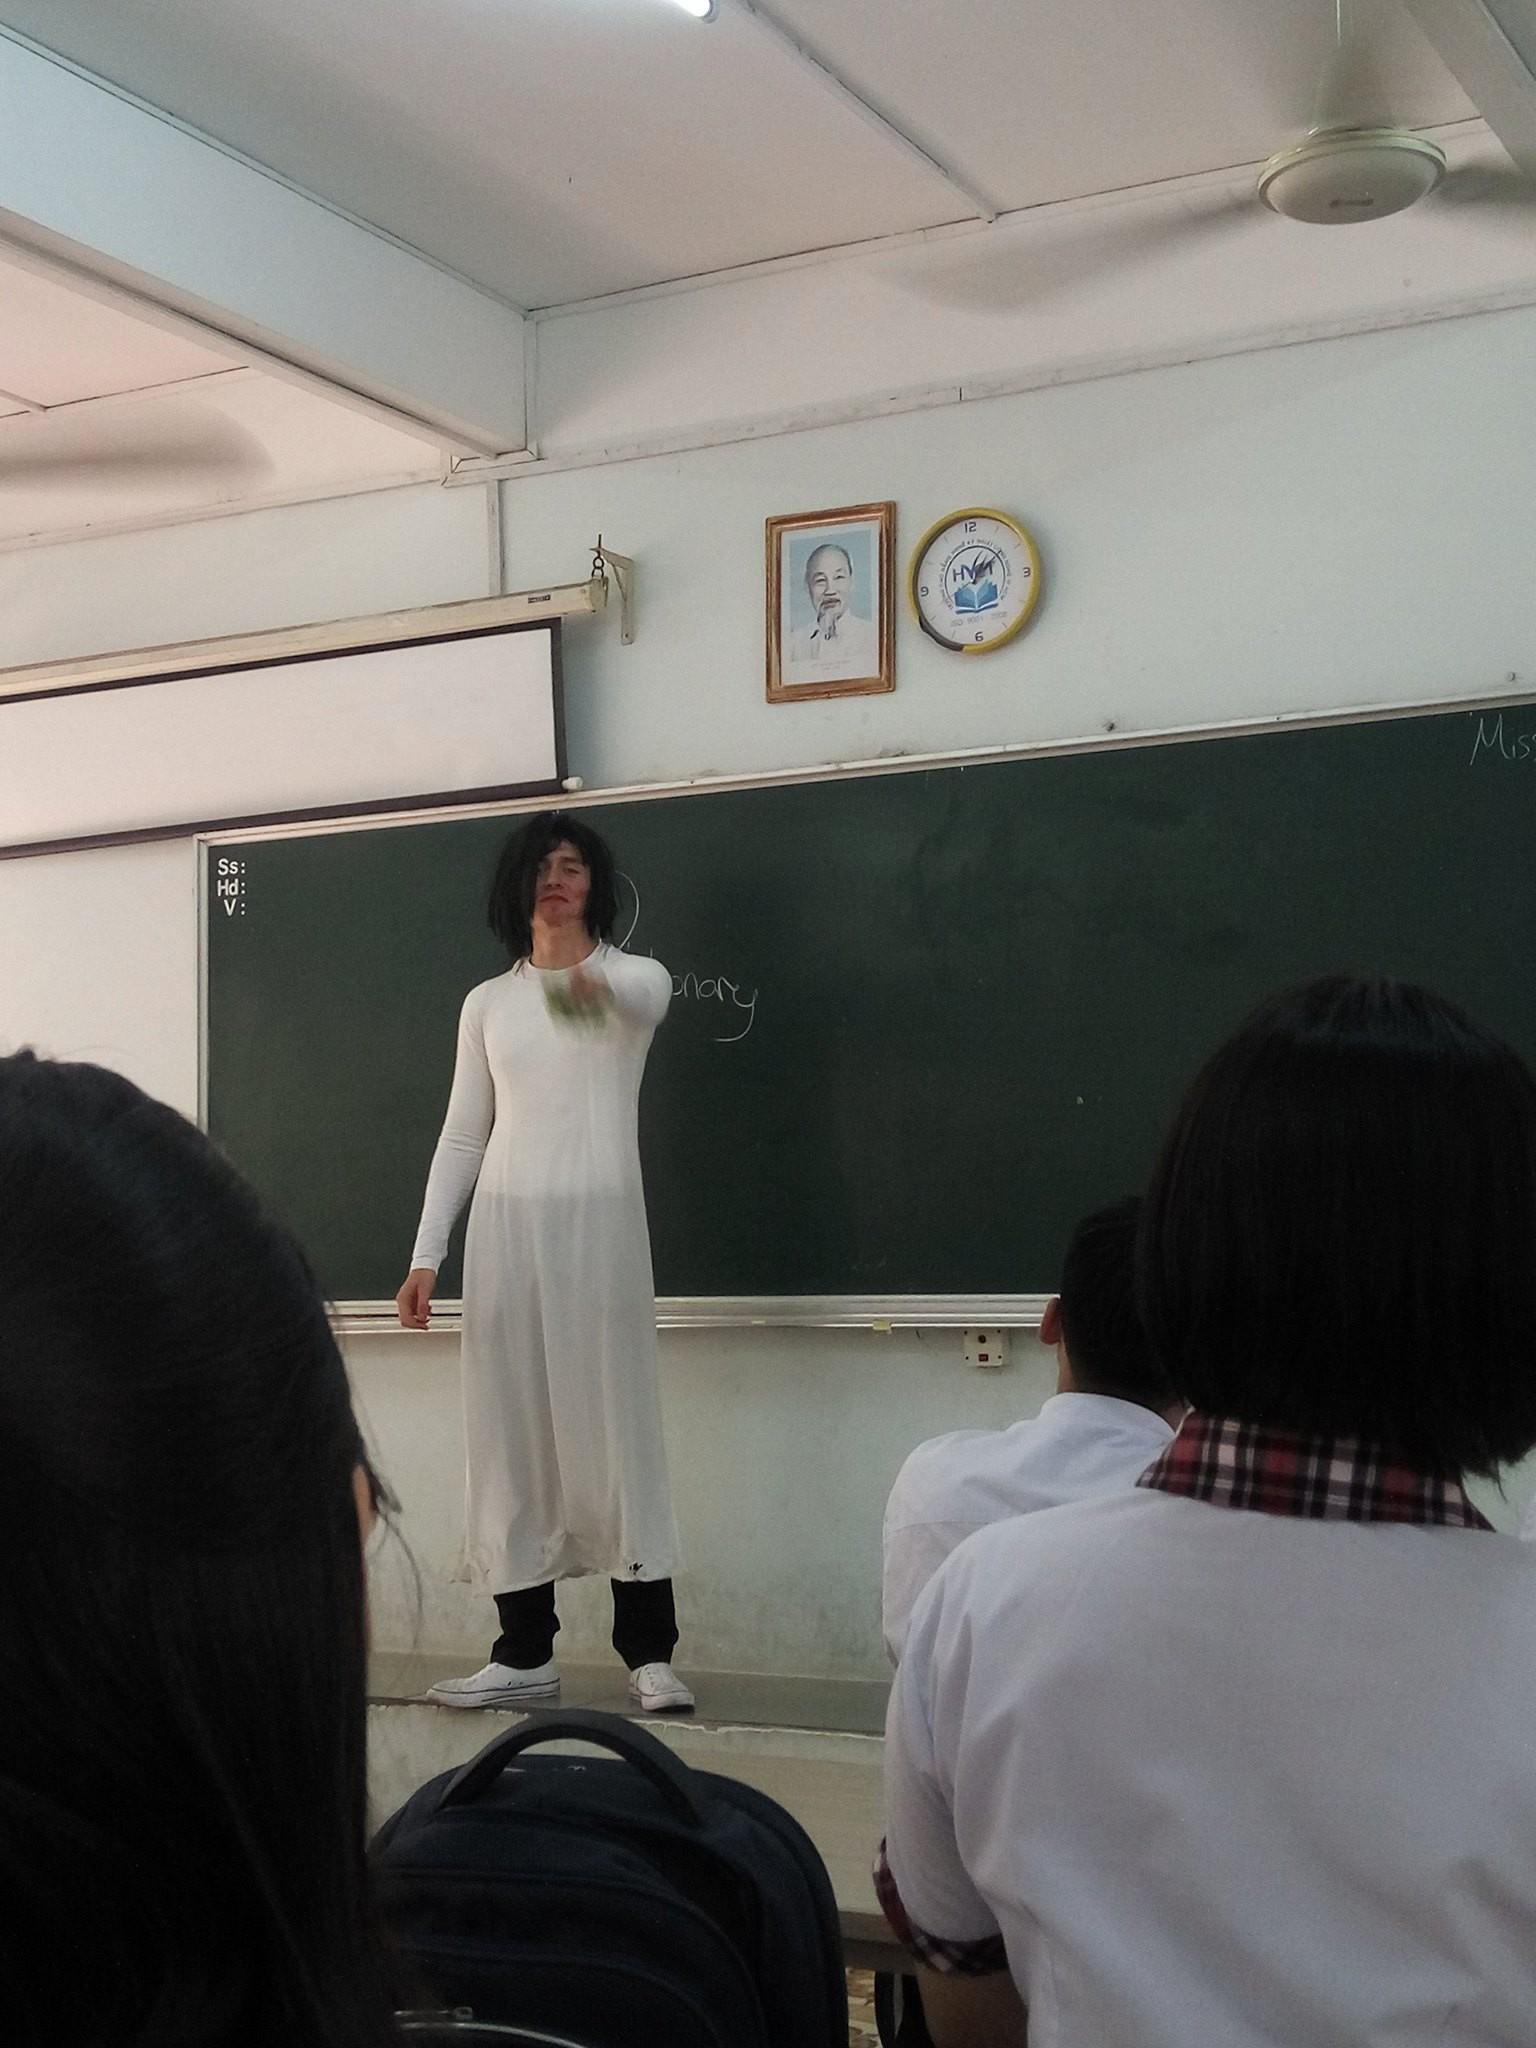 Thầy giáo Tây đội tóc giả, mặc áo dài hoá trang làm cô giáo cực đáng yêu-3